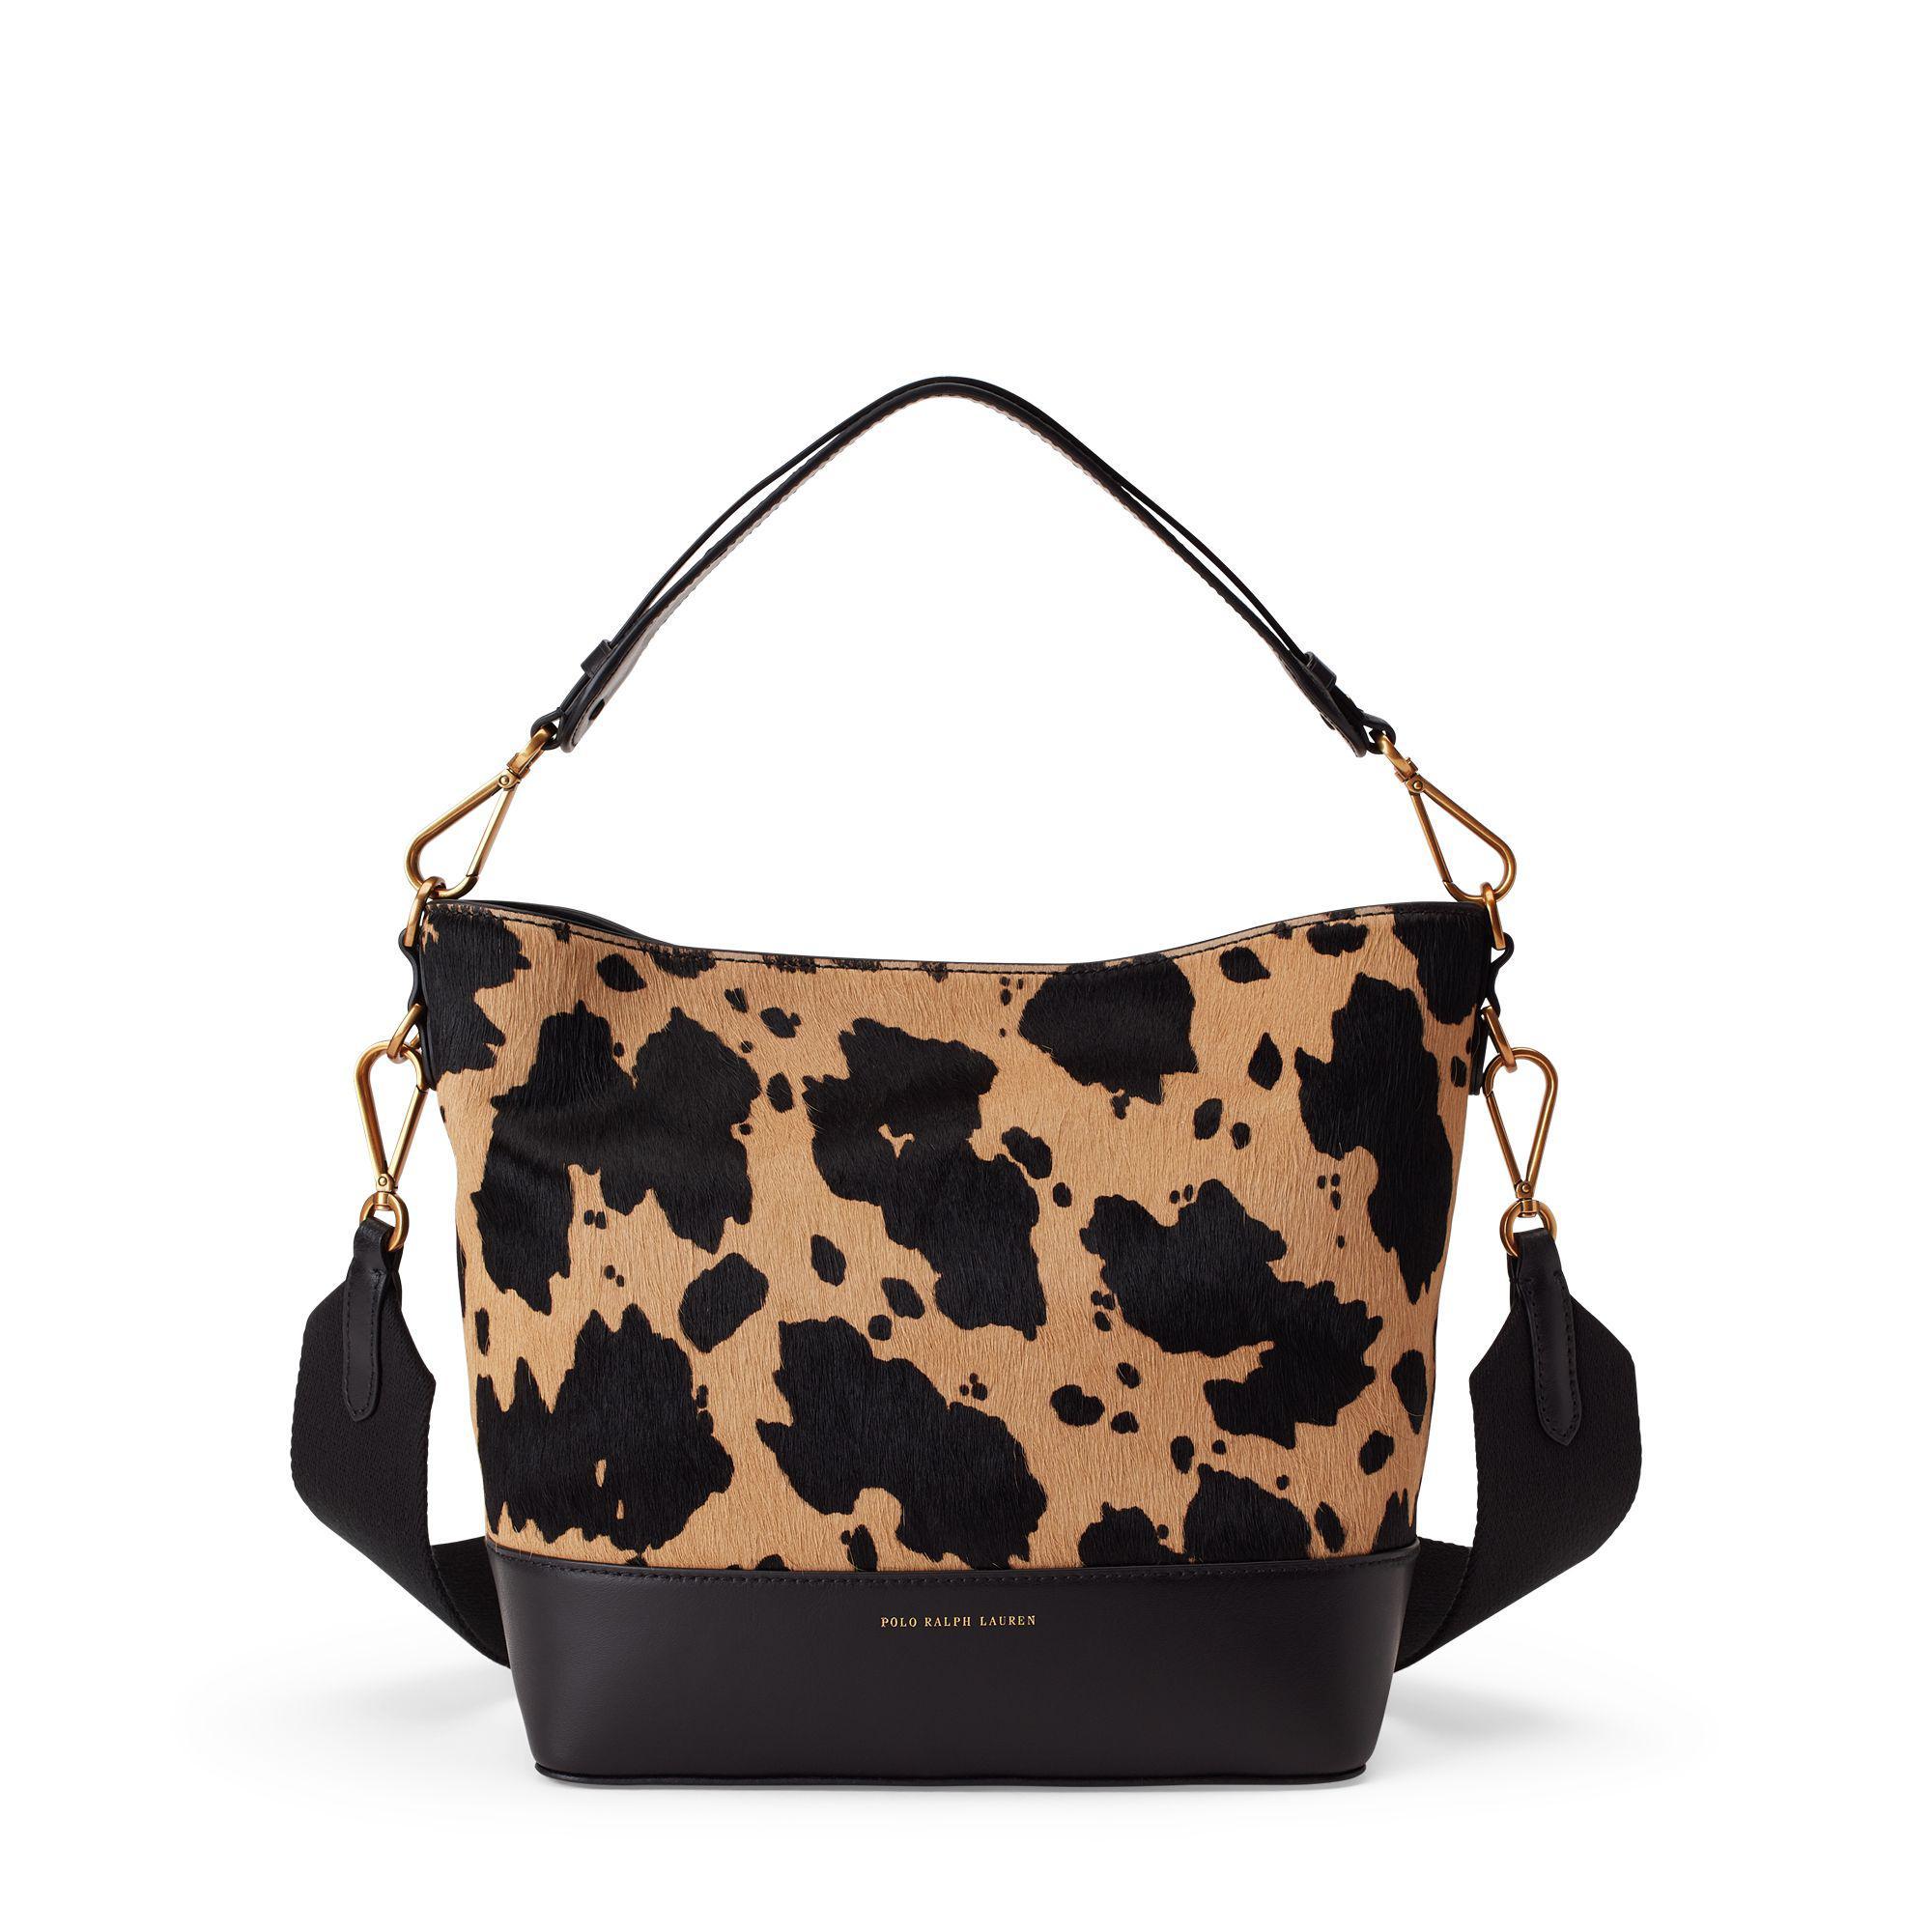 353f0cc592 Polo Ralph Lauren - Black Small Haircalf Bucket Bag - Lyst. View fullscreen